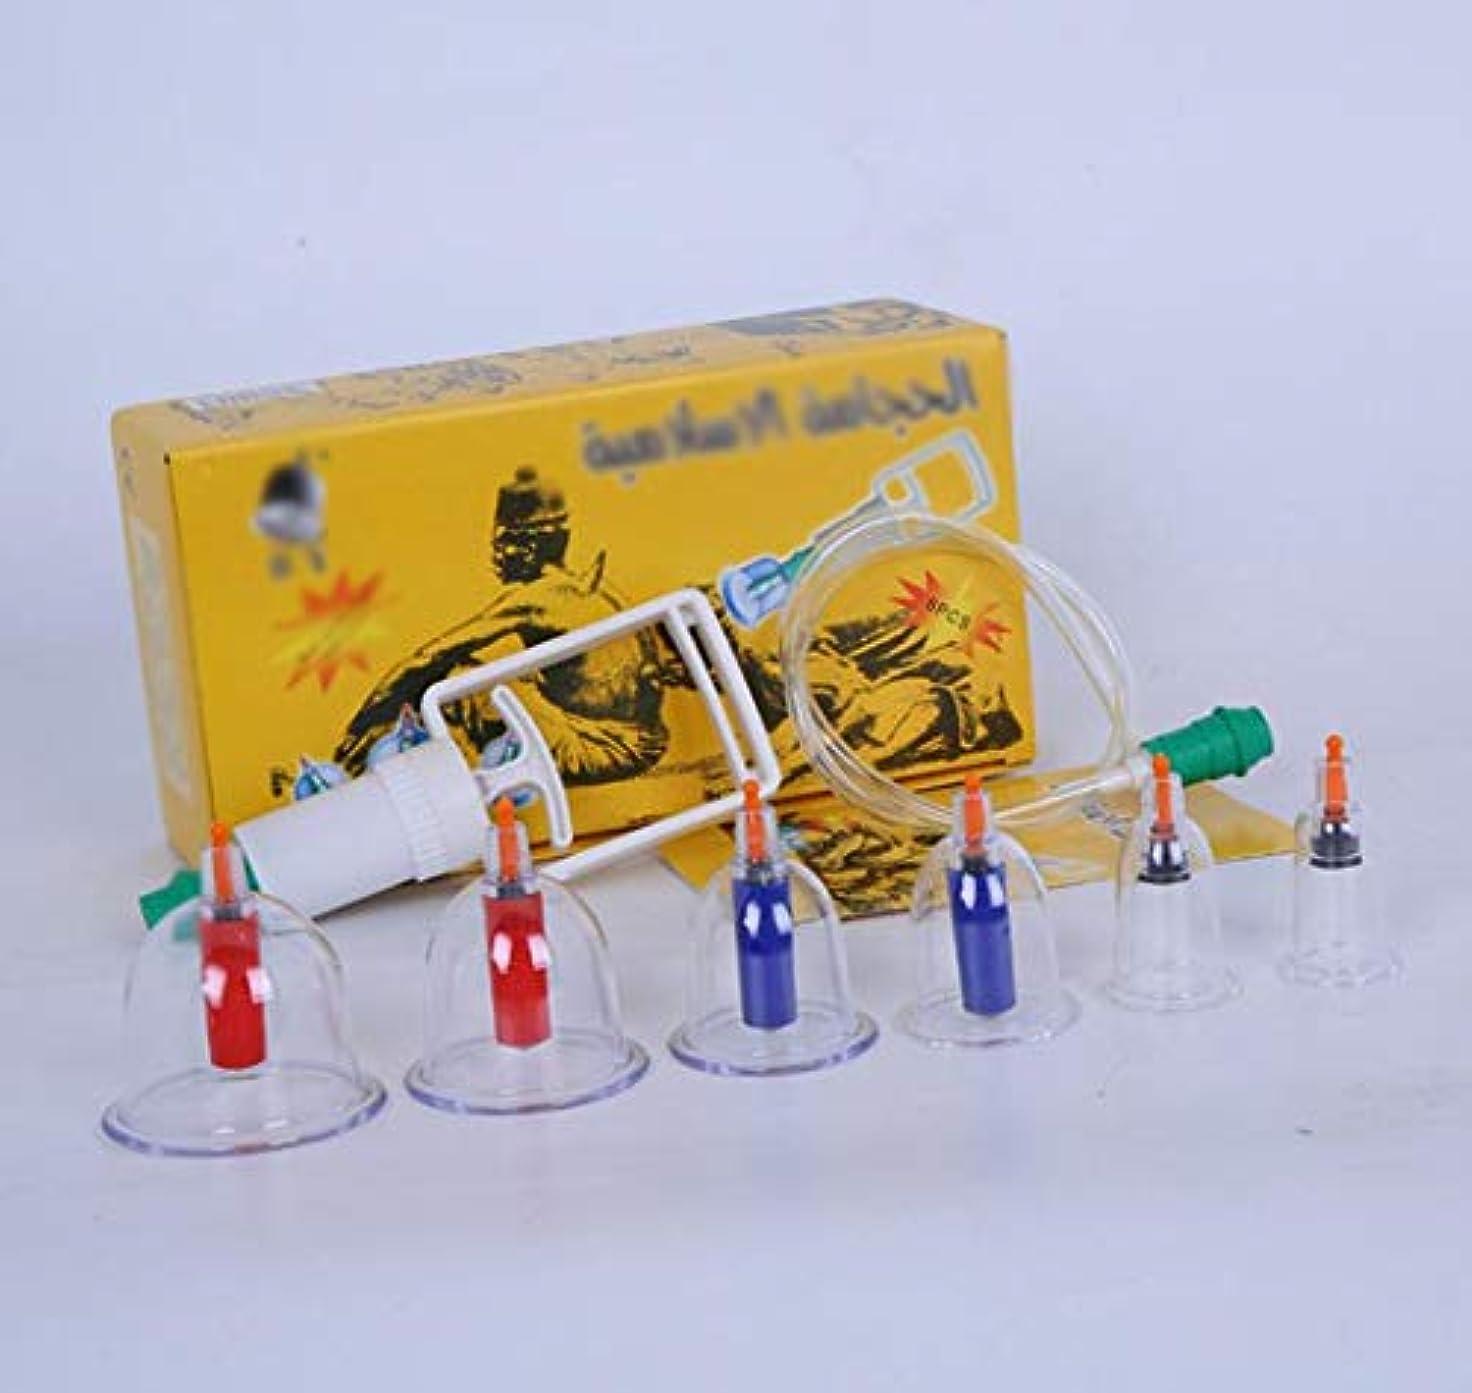 混乱類似性考古学カッピング/真空カッピングエイボン6缶セット/磁気カッピング/全身倦怠感/フィットネス/健康マッサージ/除湿を緩和するために使用